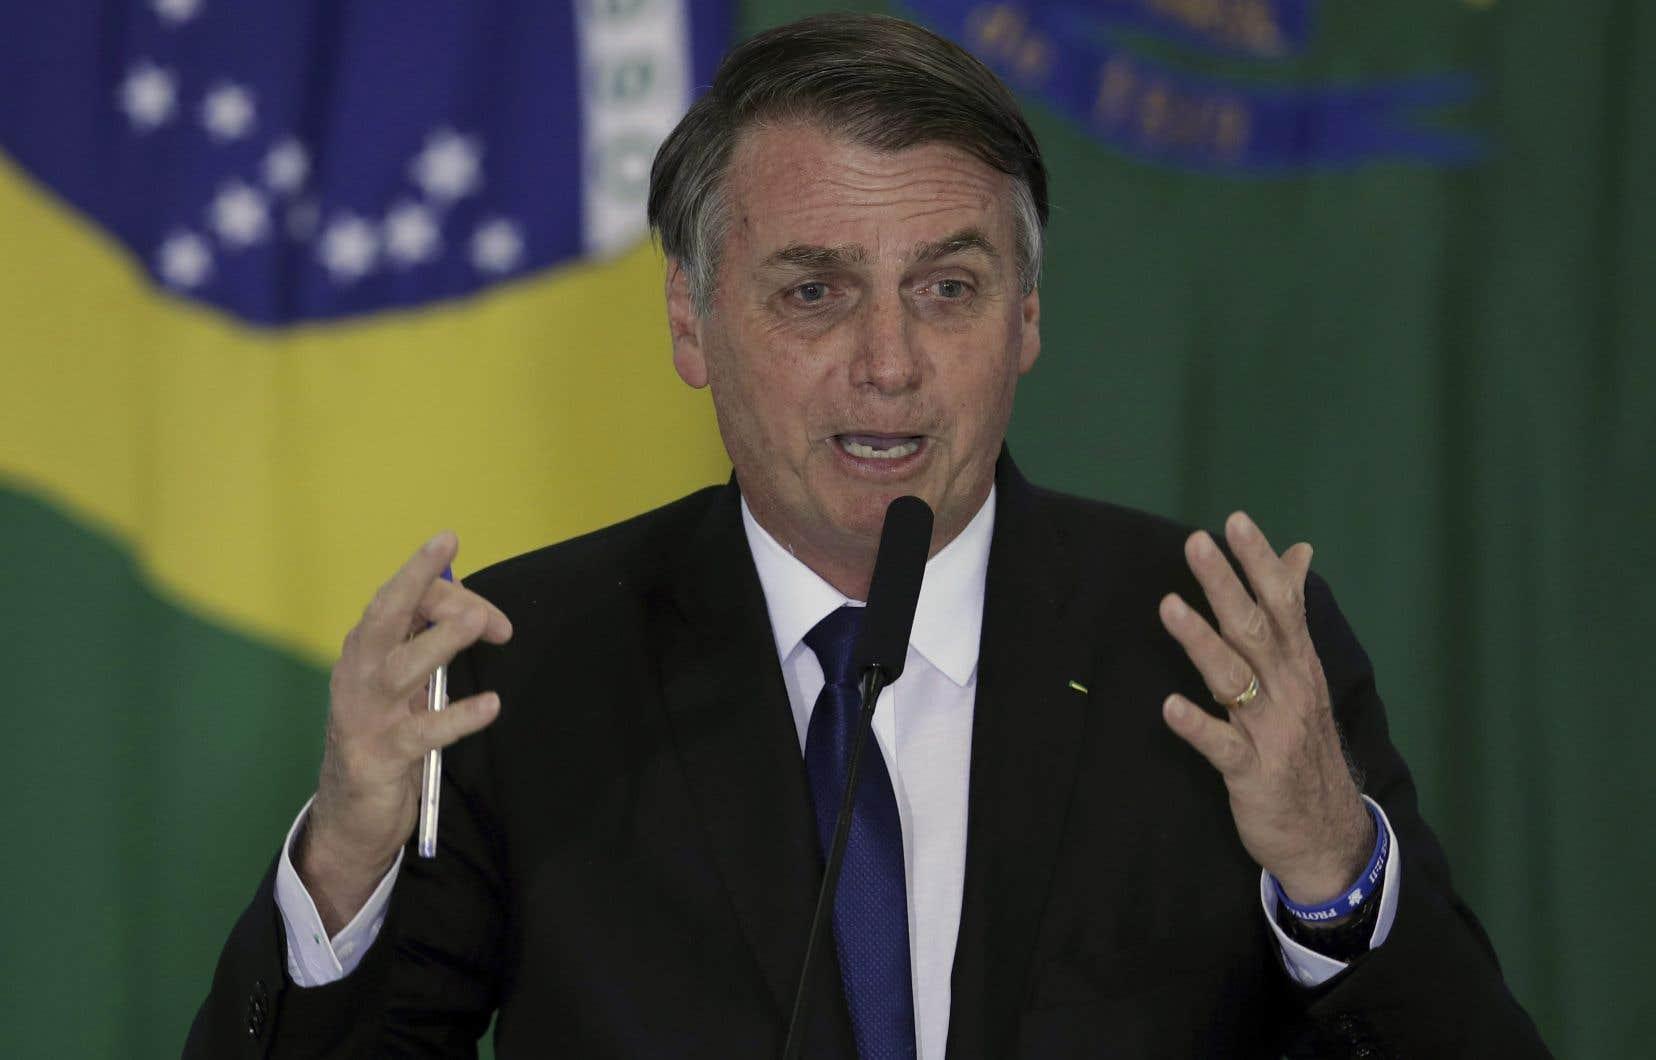 Pour l'ONG, deux décrets du président Bolsonaro qui assouplissent les critères d'attribution de permis de détention ou de port d'armes «peuvent contribuer à l'augmentation du nombre d'homicides».